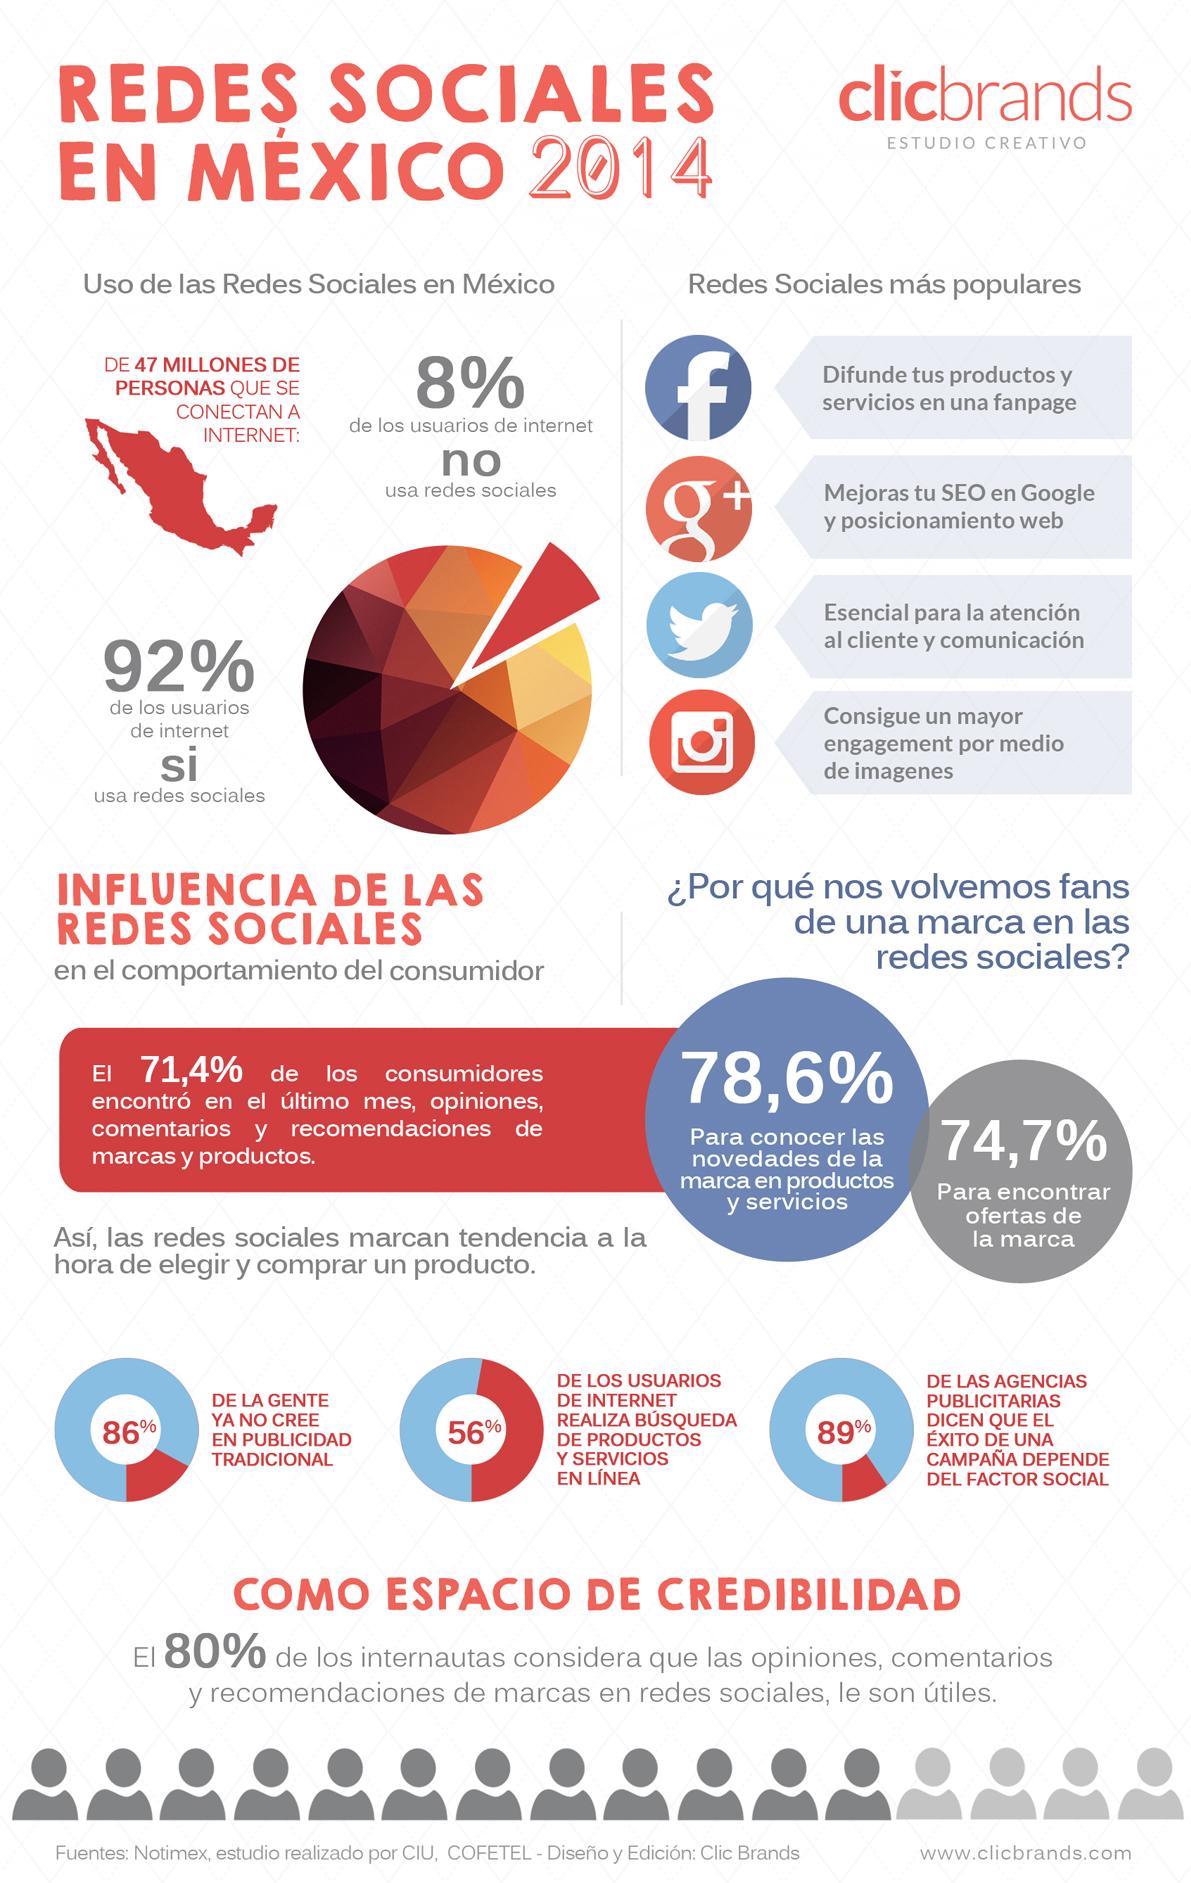 Redes sociales para encontrar personas